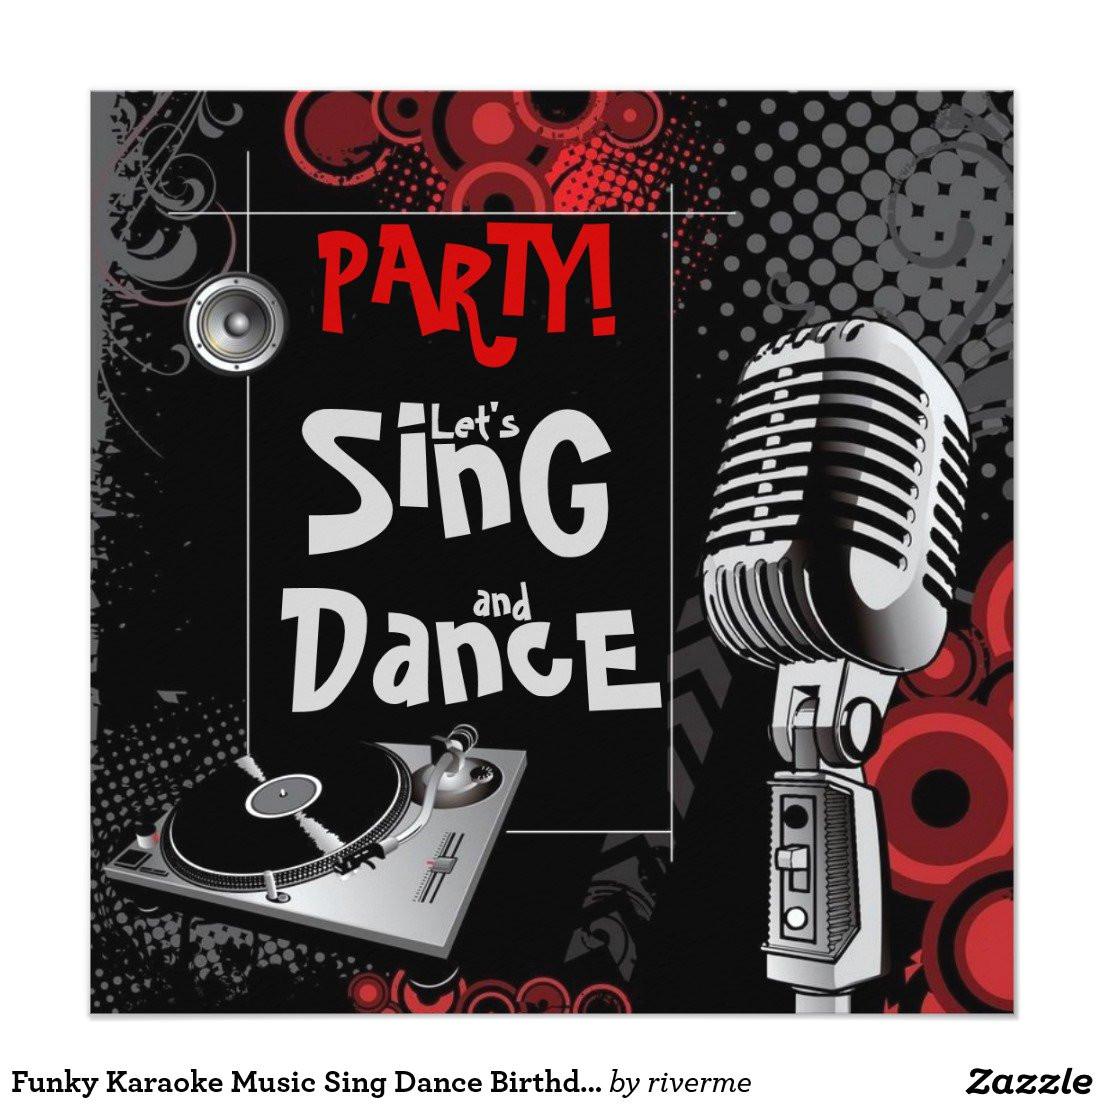 karaoke birthday party invitations